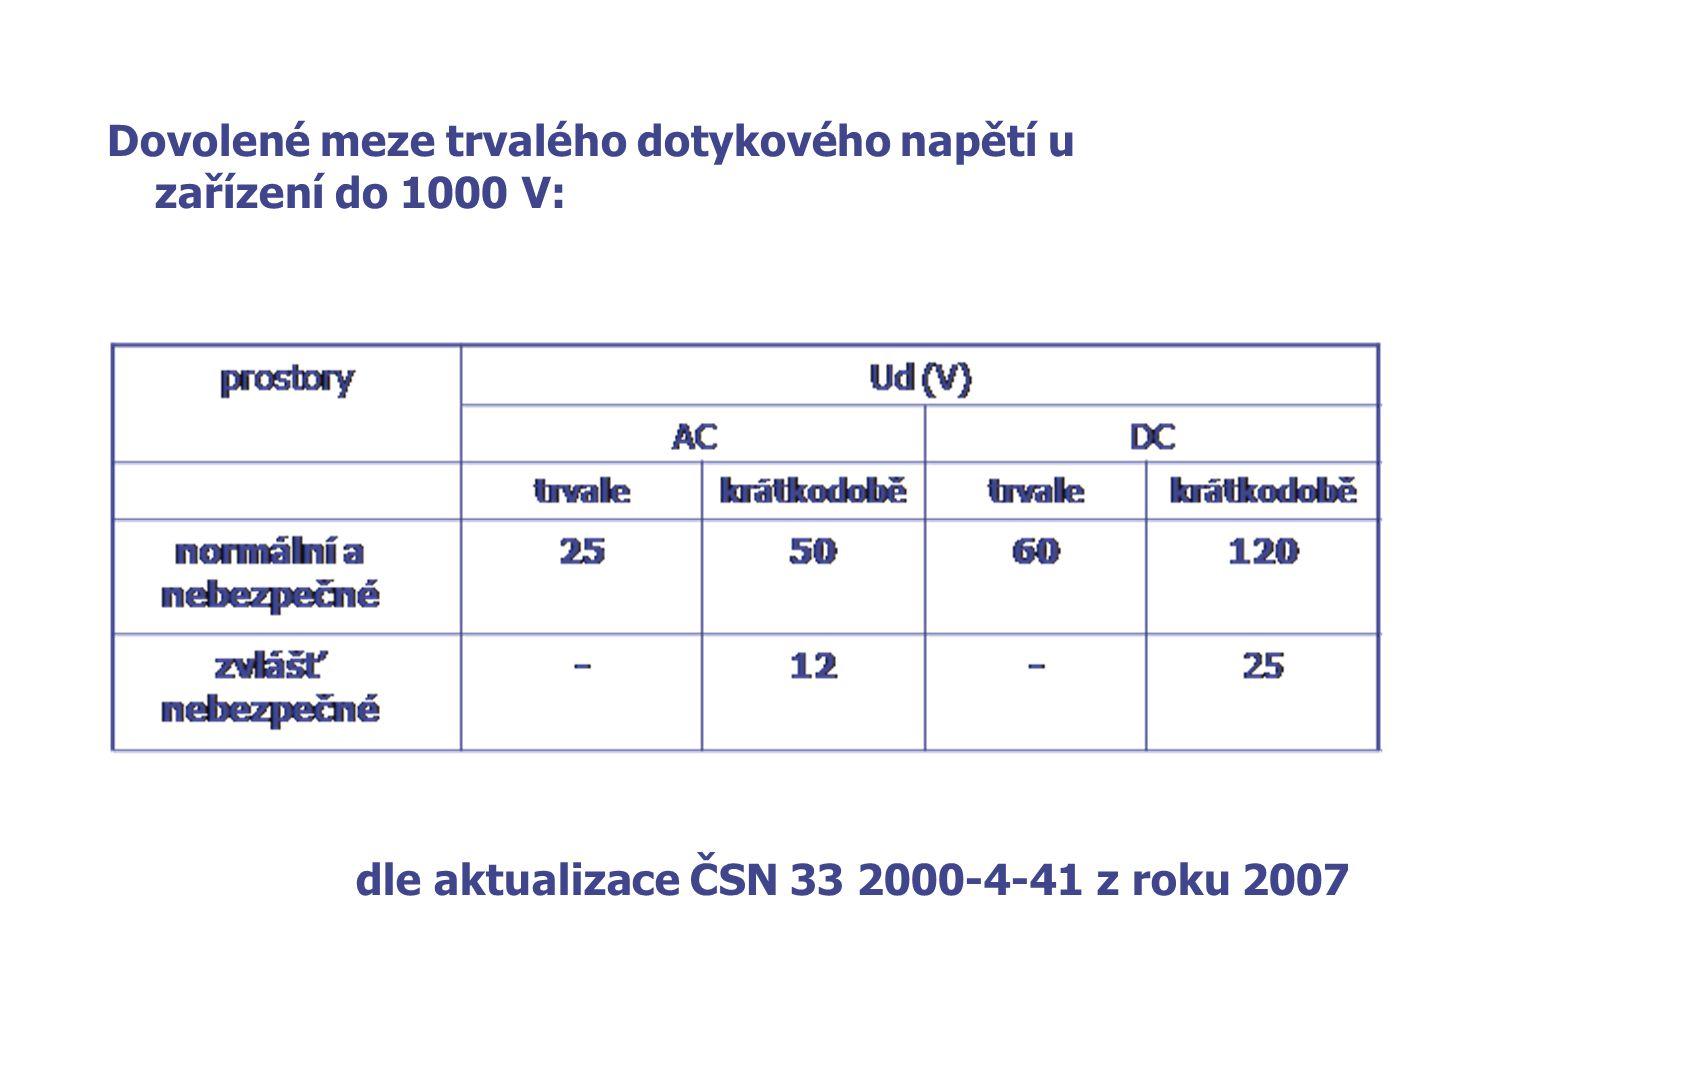 Dovolené meze trvalého dotykového napětí u zařízení do 1000 V: dle aktualizace ČSN 33 2000-4-41 z roku 2007